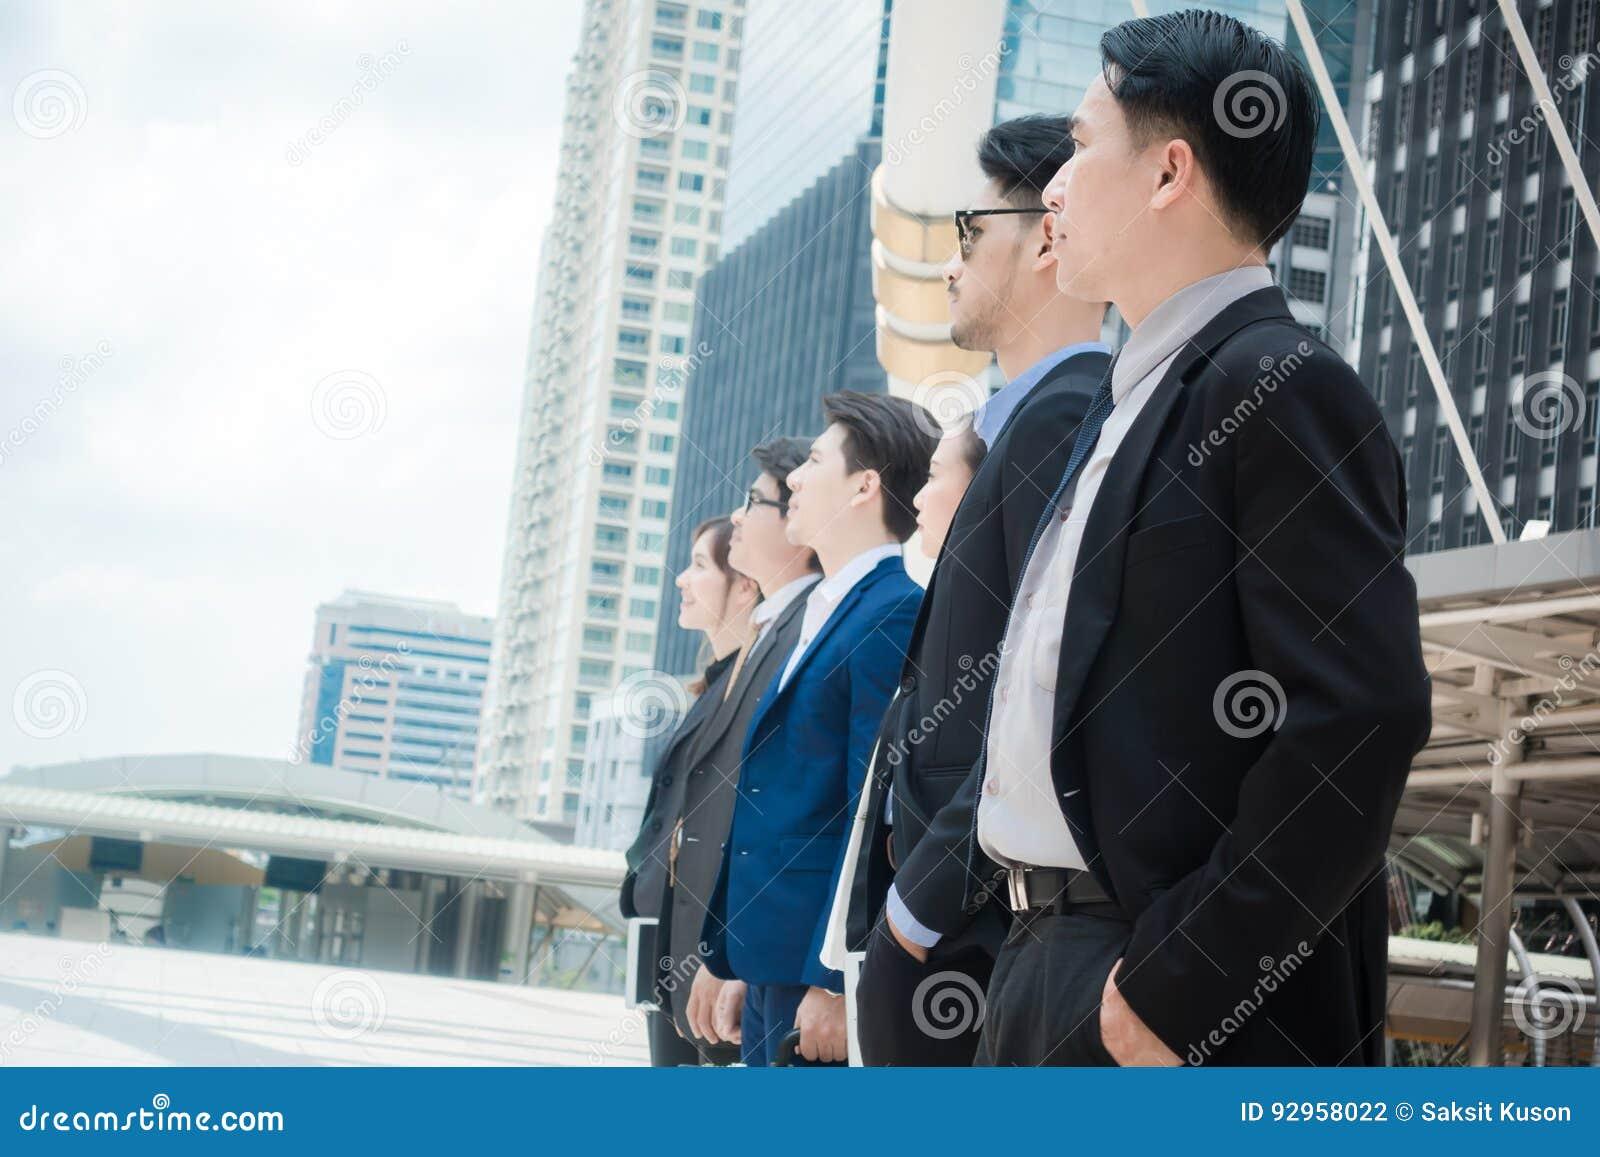 Gens d affaires d inspiration de buts de mission de succès de croissance regardant hors du cadre - futur concept